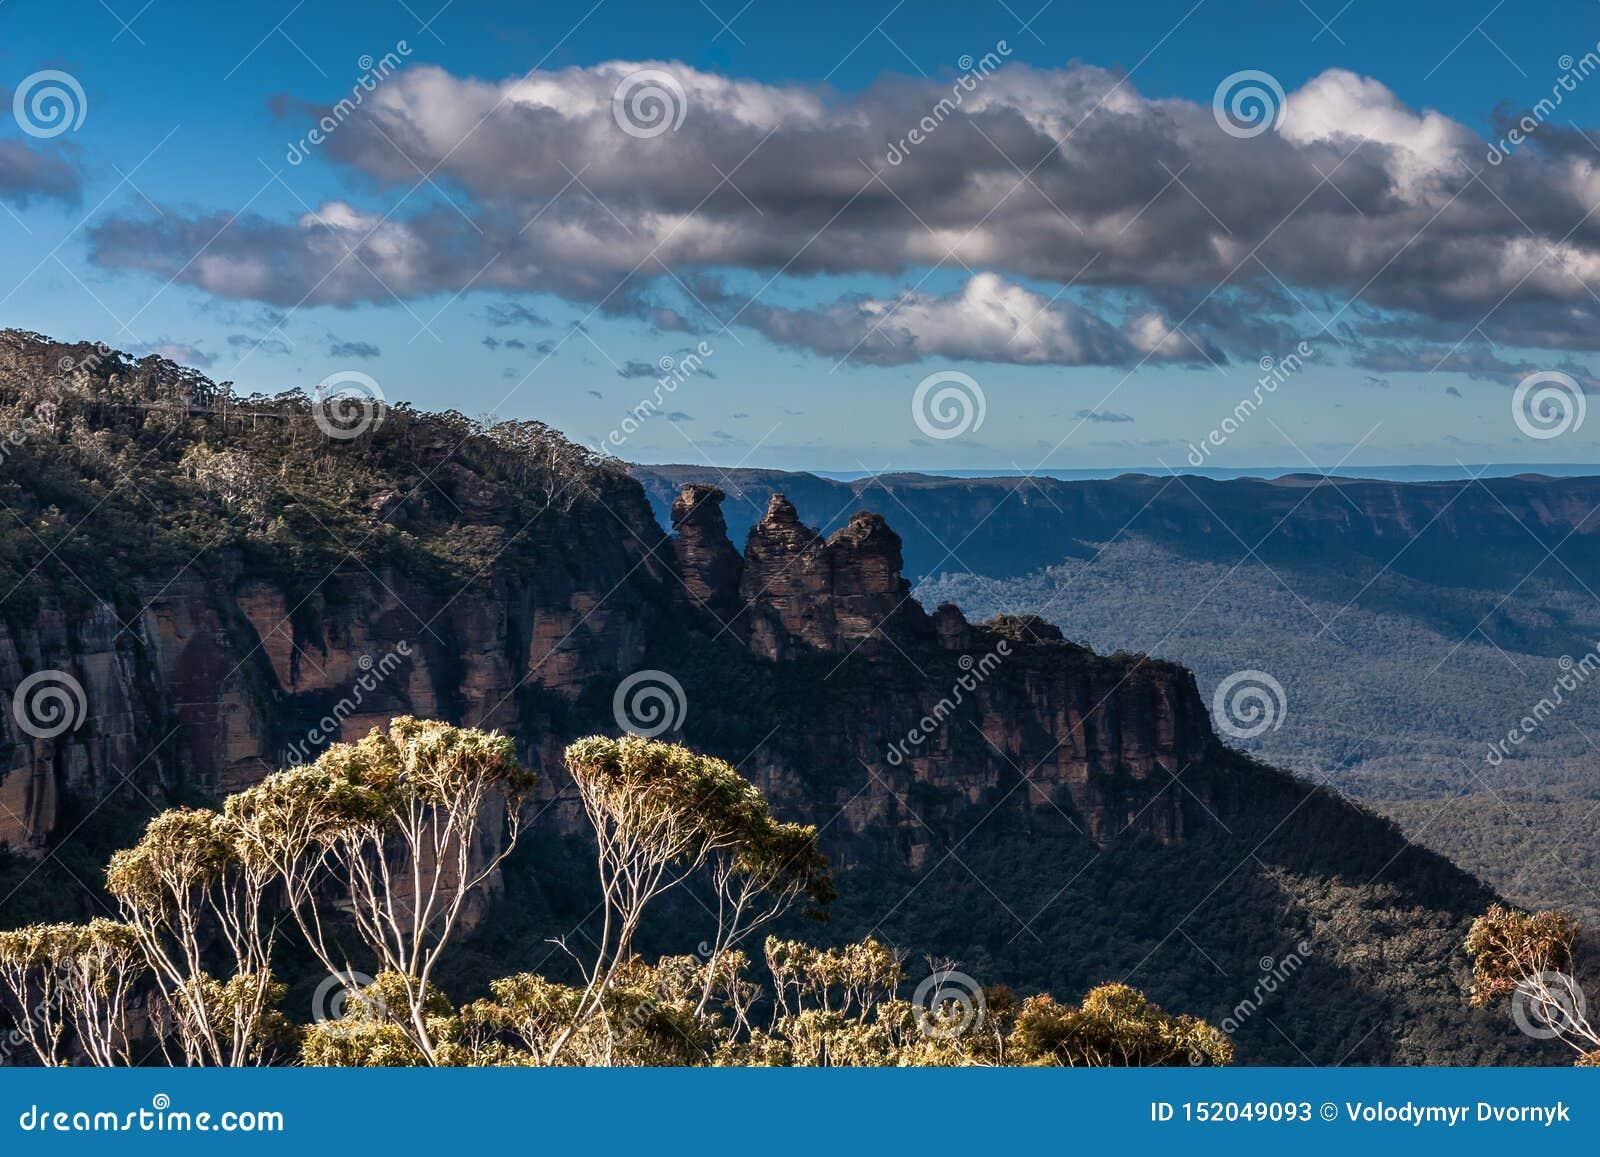 La formación de roca de tres hermanas en el parque nacional de las montañas azules, NSW, Australia